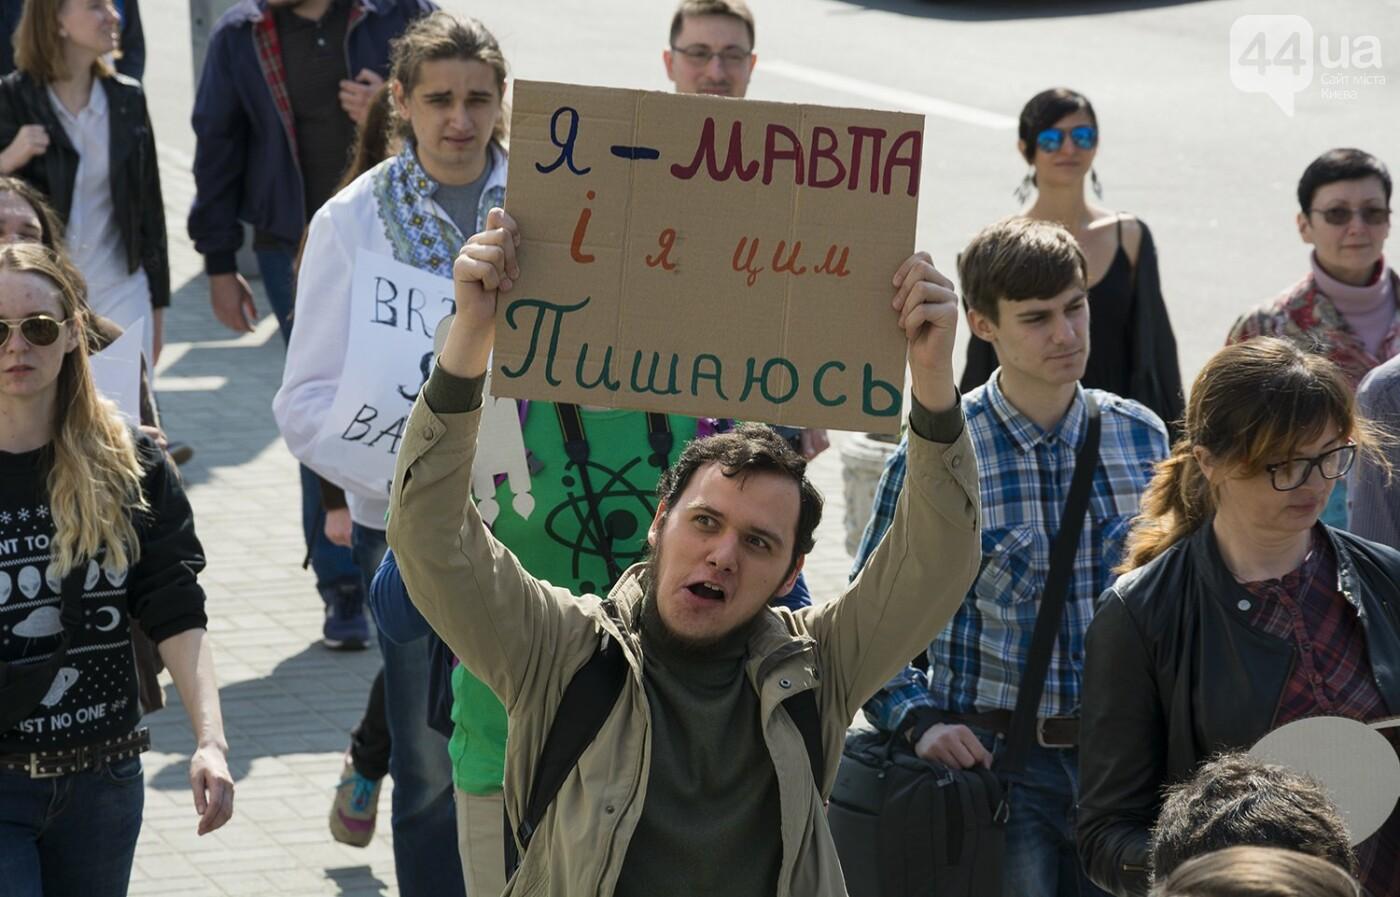 Ученые против мракобесия: в Киеве прошел марш за науку, фото-21